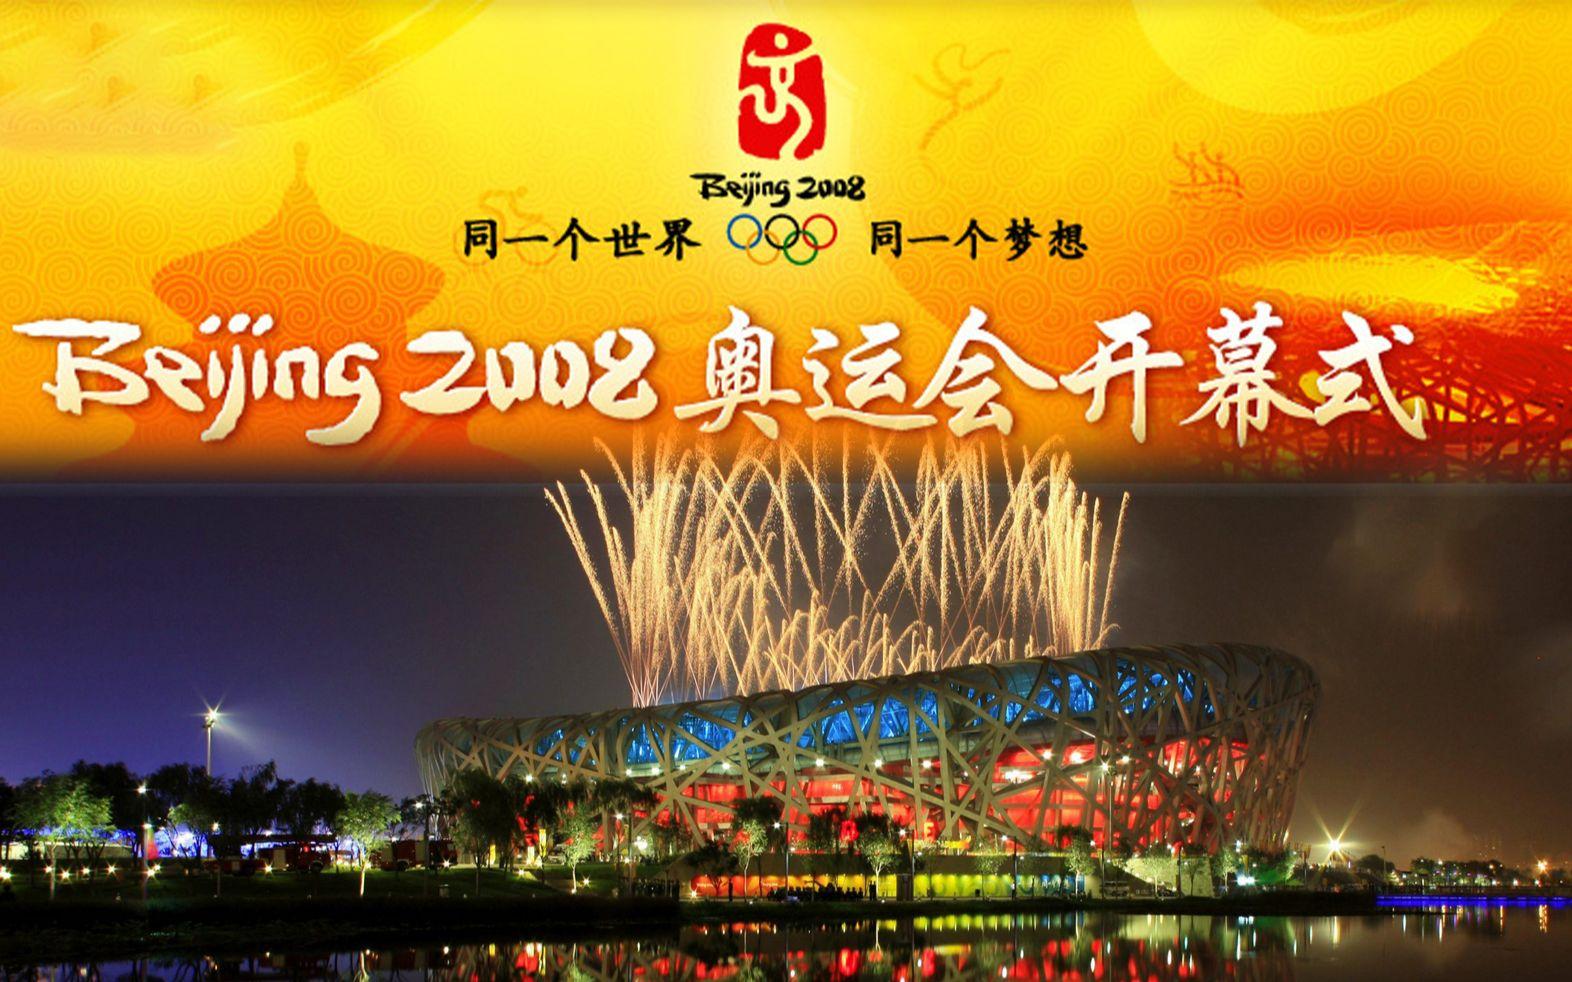 2008北京奥运会网球_2008北京奥运会开幕式_哔哩哔哩 (゜-゜)つロ 干杯~-bilibili